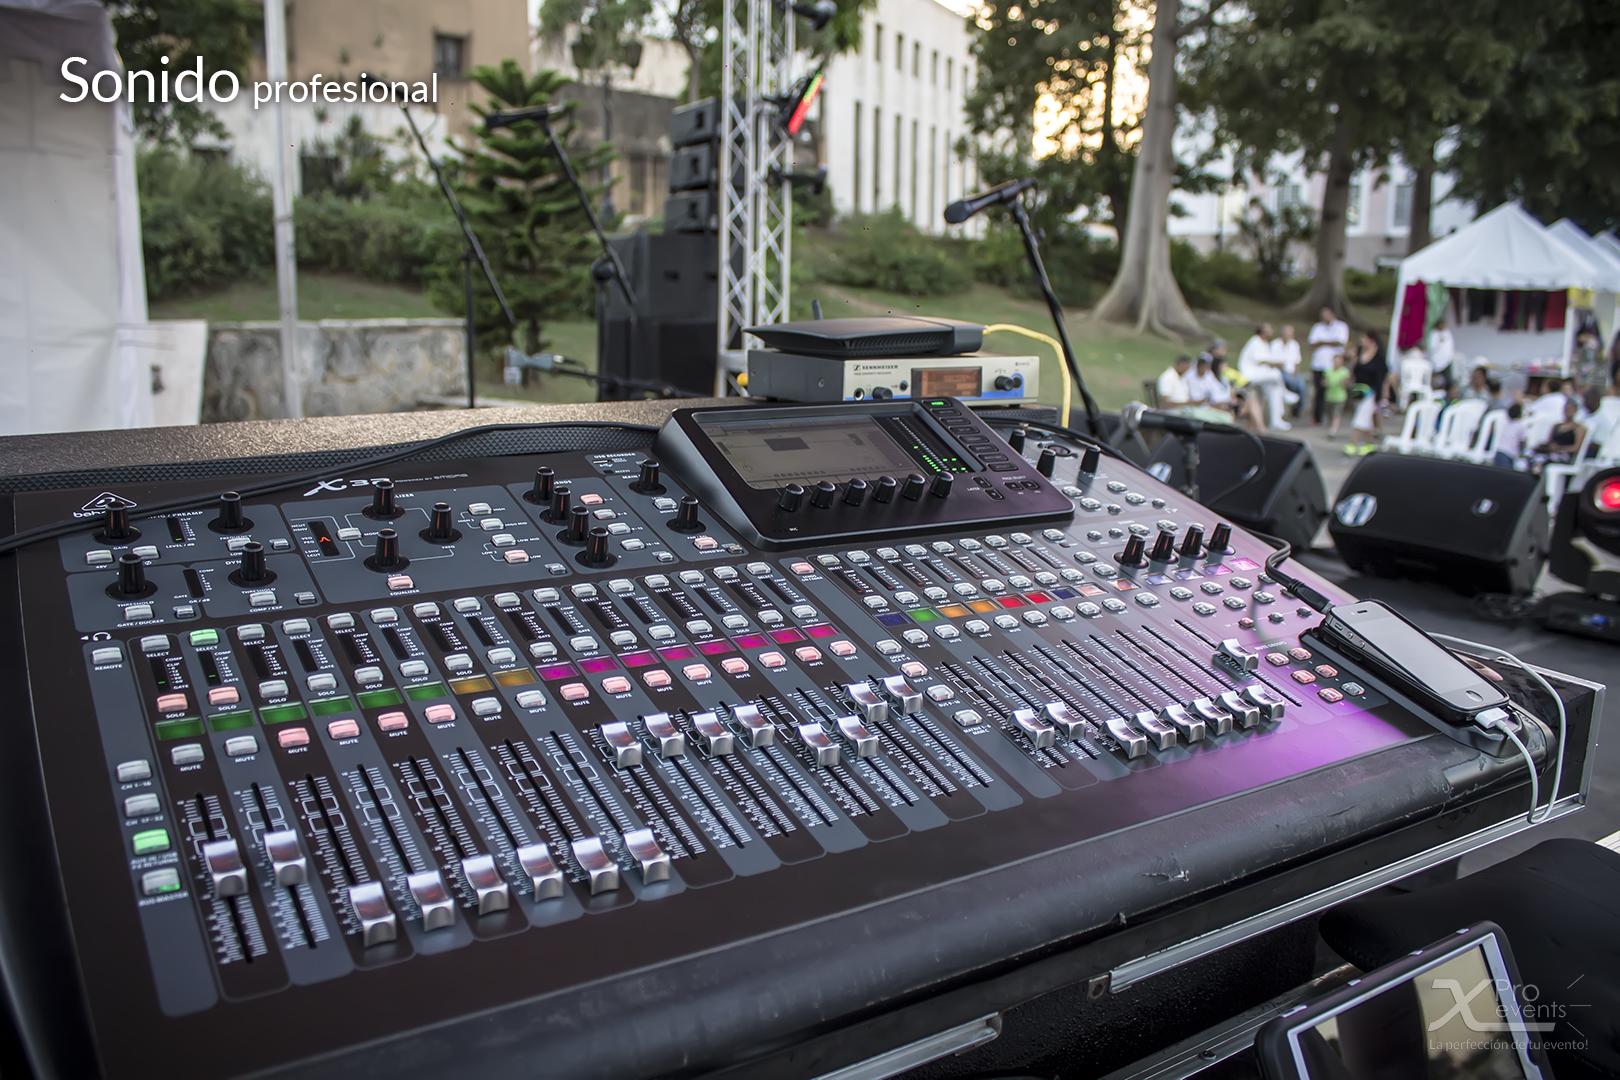 X Pro events - Equipos de sonido para Djs & orquestas (1)